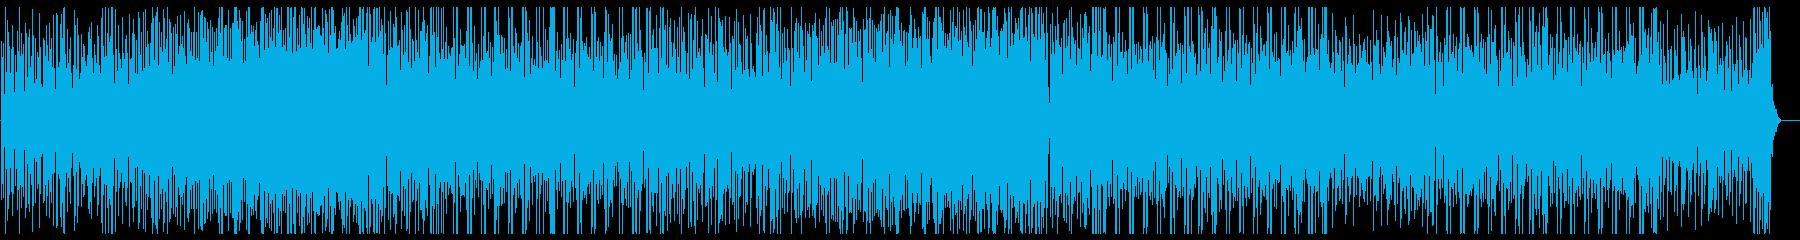 パーカッション・ドラム楽器を贅沢に使用♫の再生済みの波形